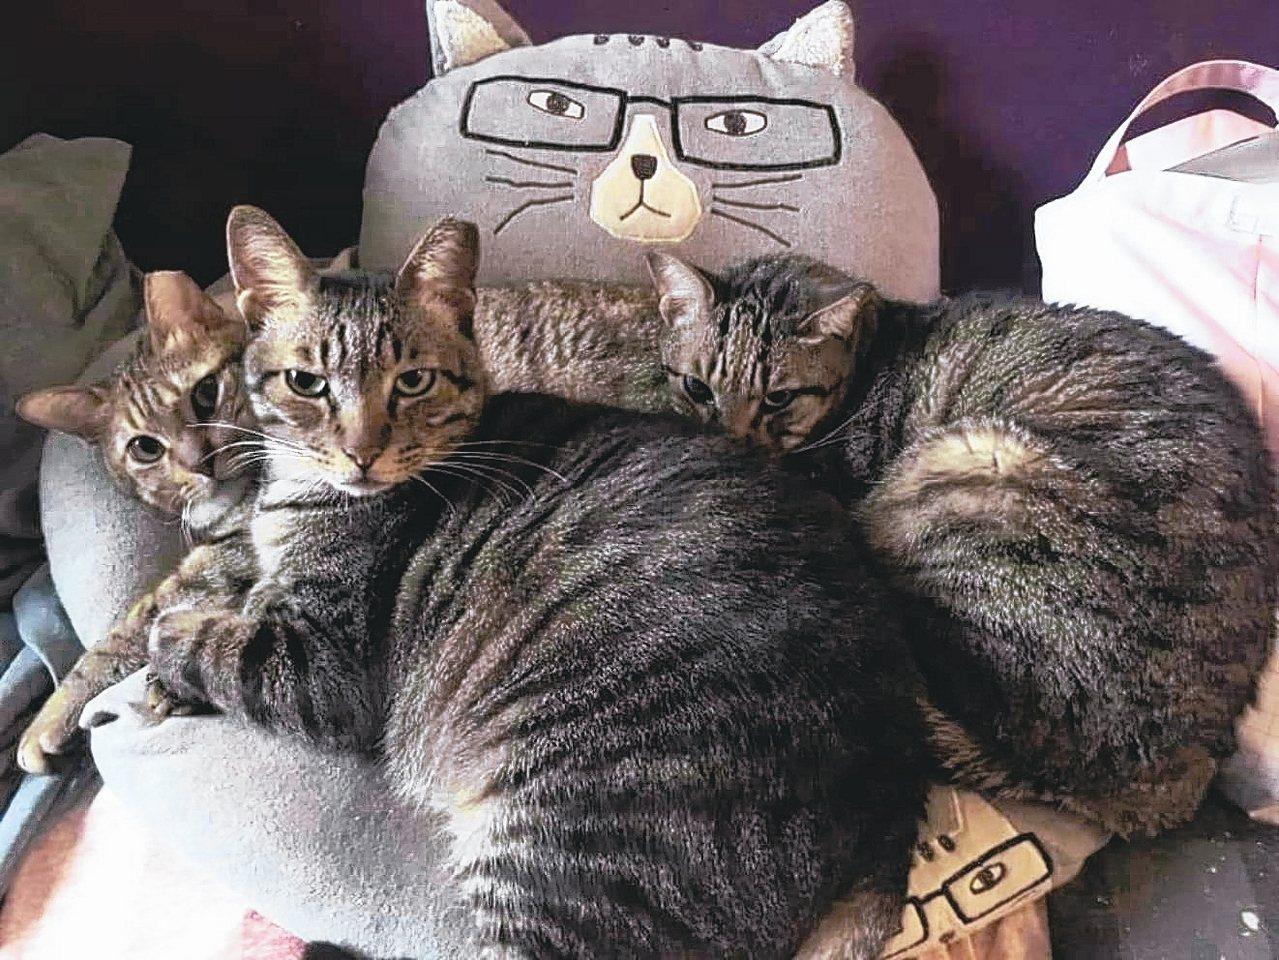 江正民與女友家中已收養了十多隻流浪貓,連他們自己都打趣說,別問他們有多少隻虎斑貓...